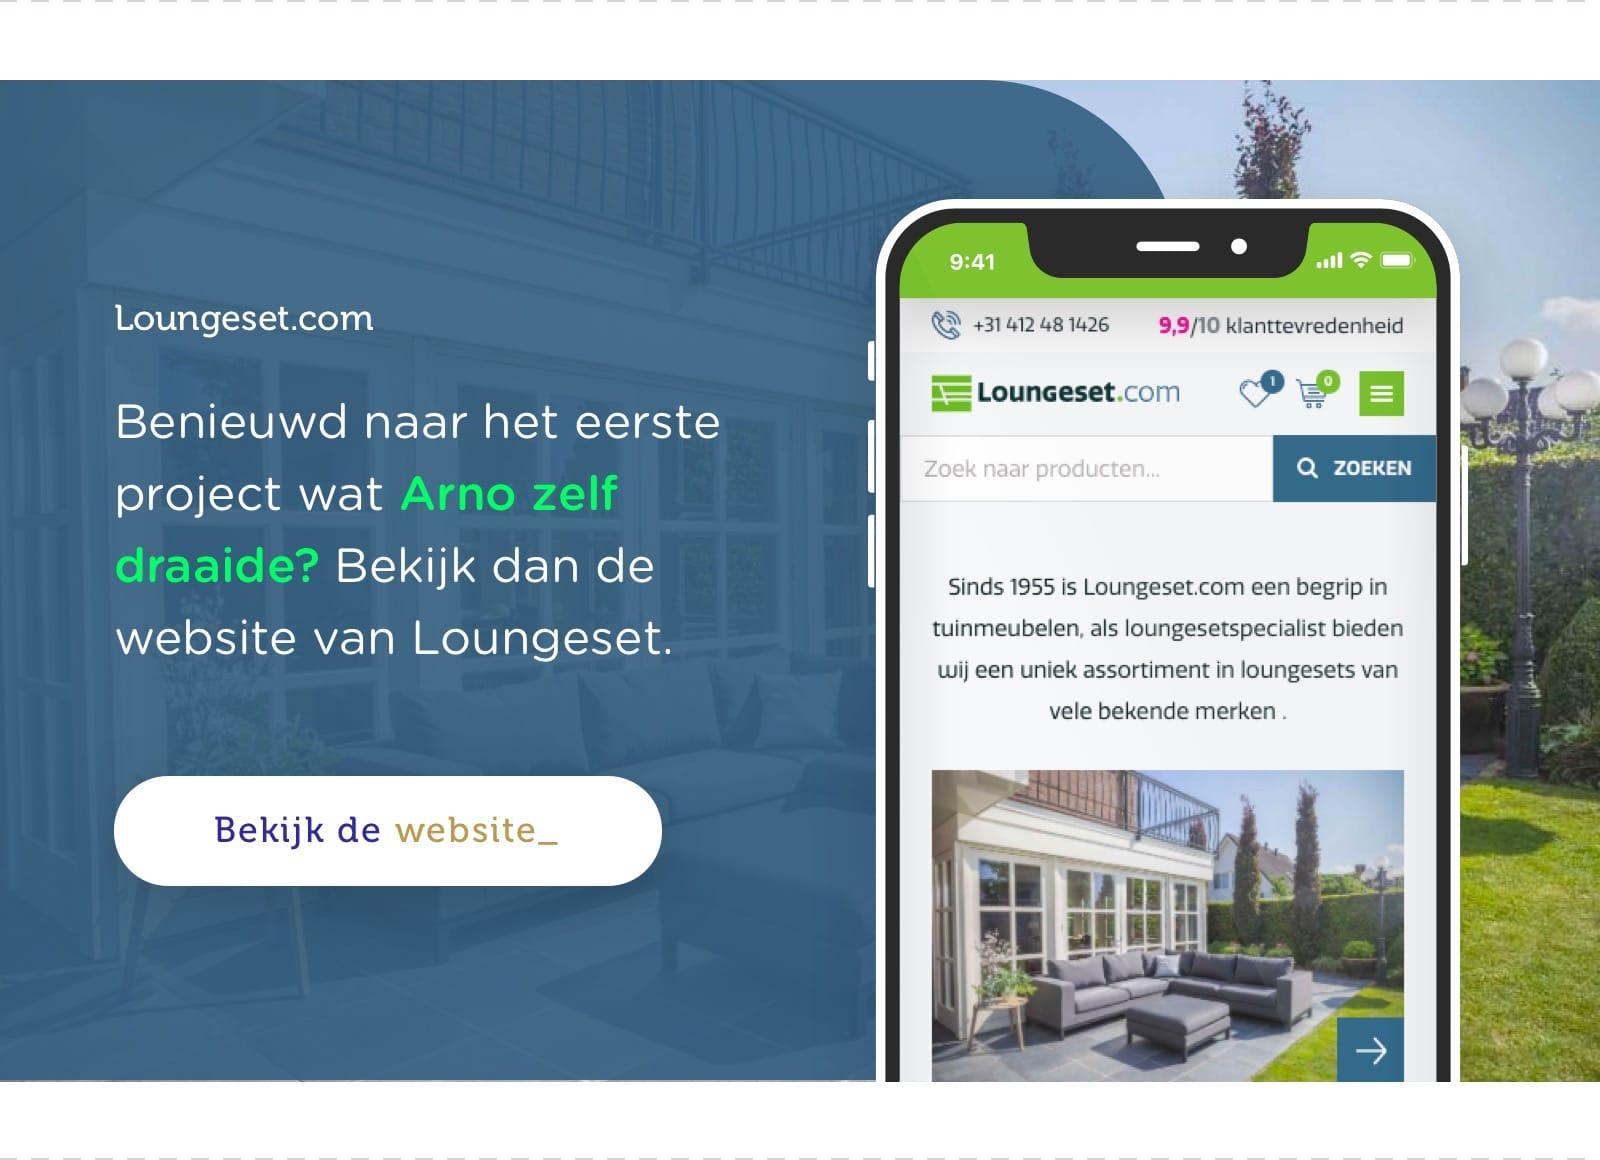 Bekijk de website van Loungeset die Arno heeft ontwikkeld